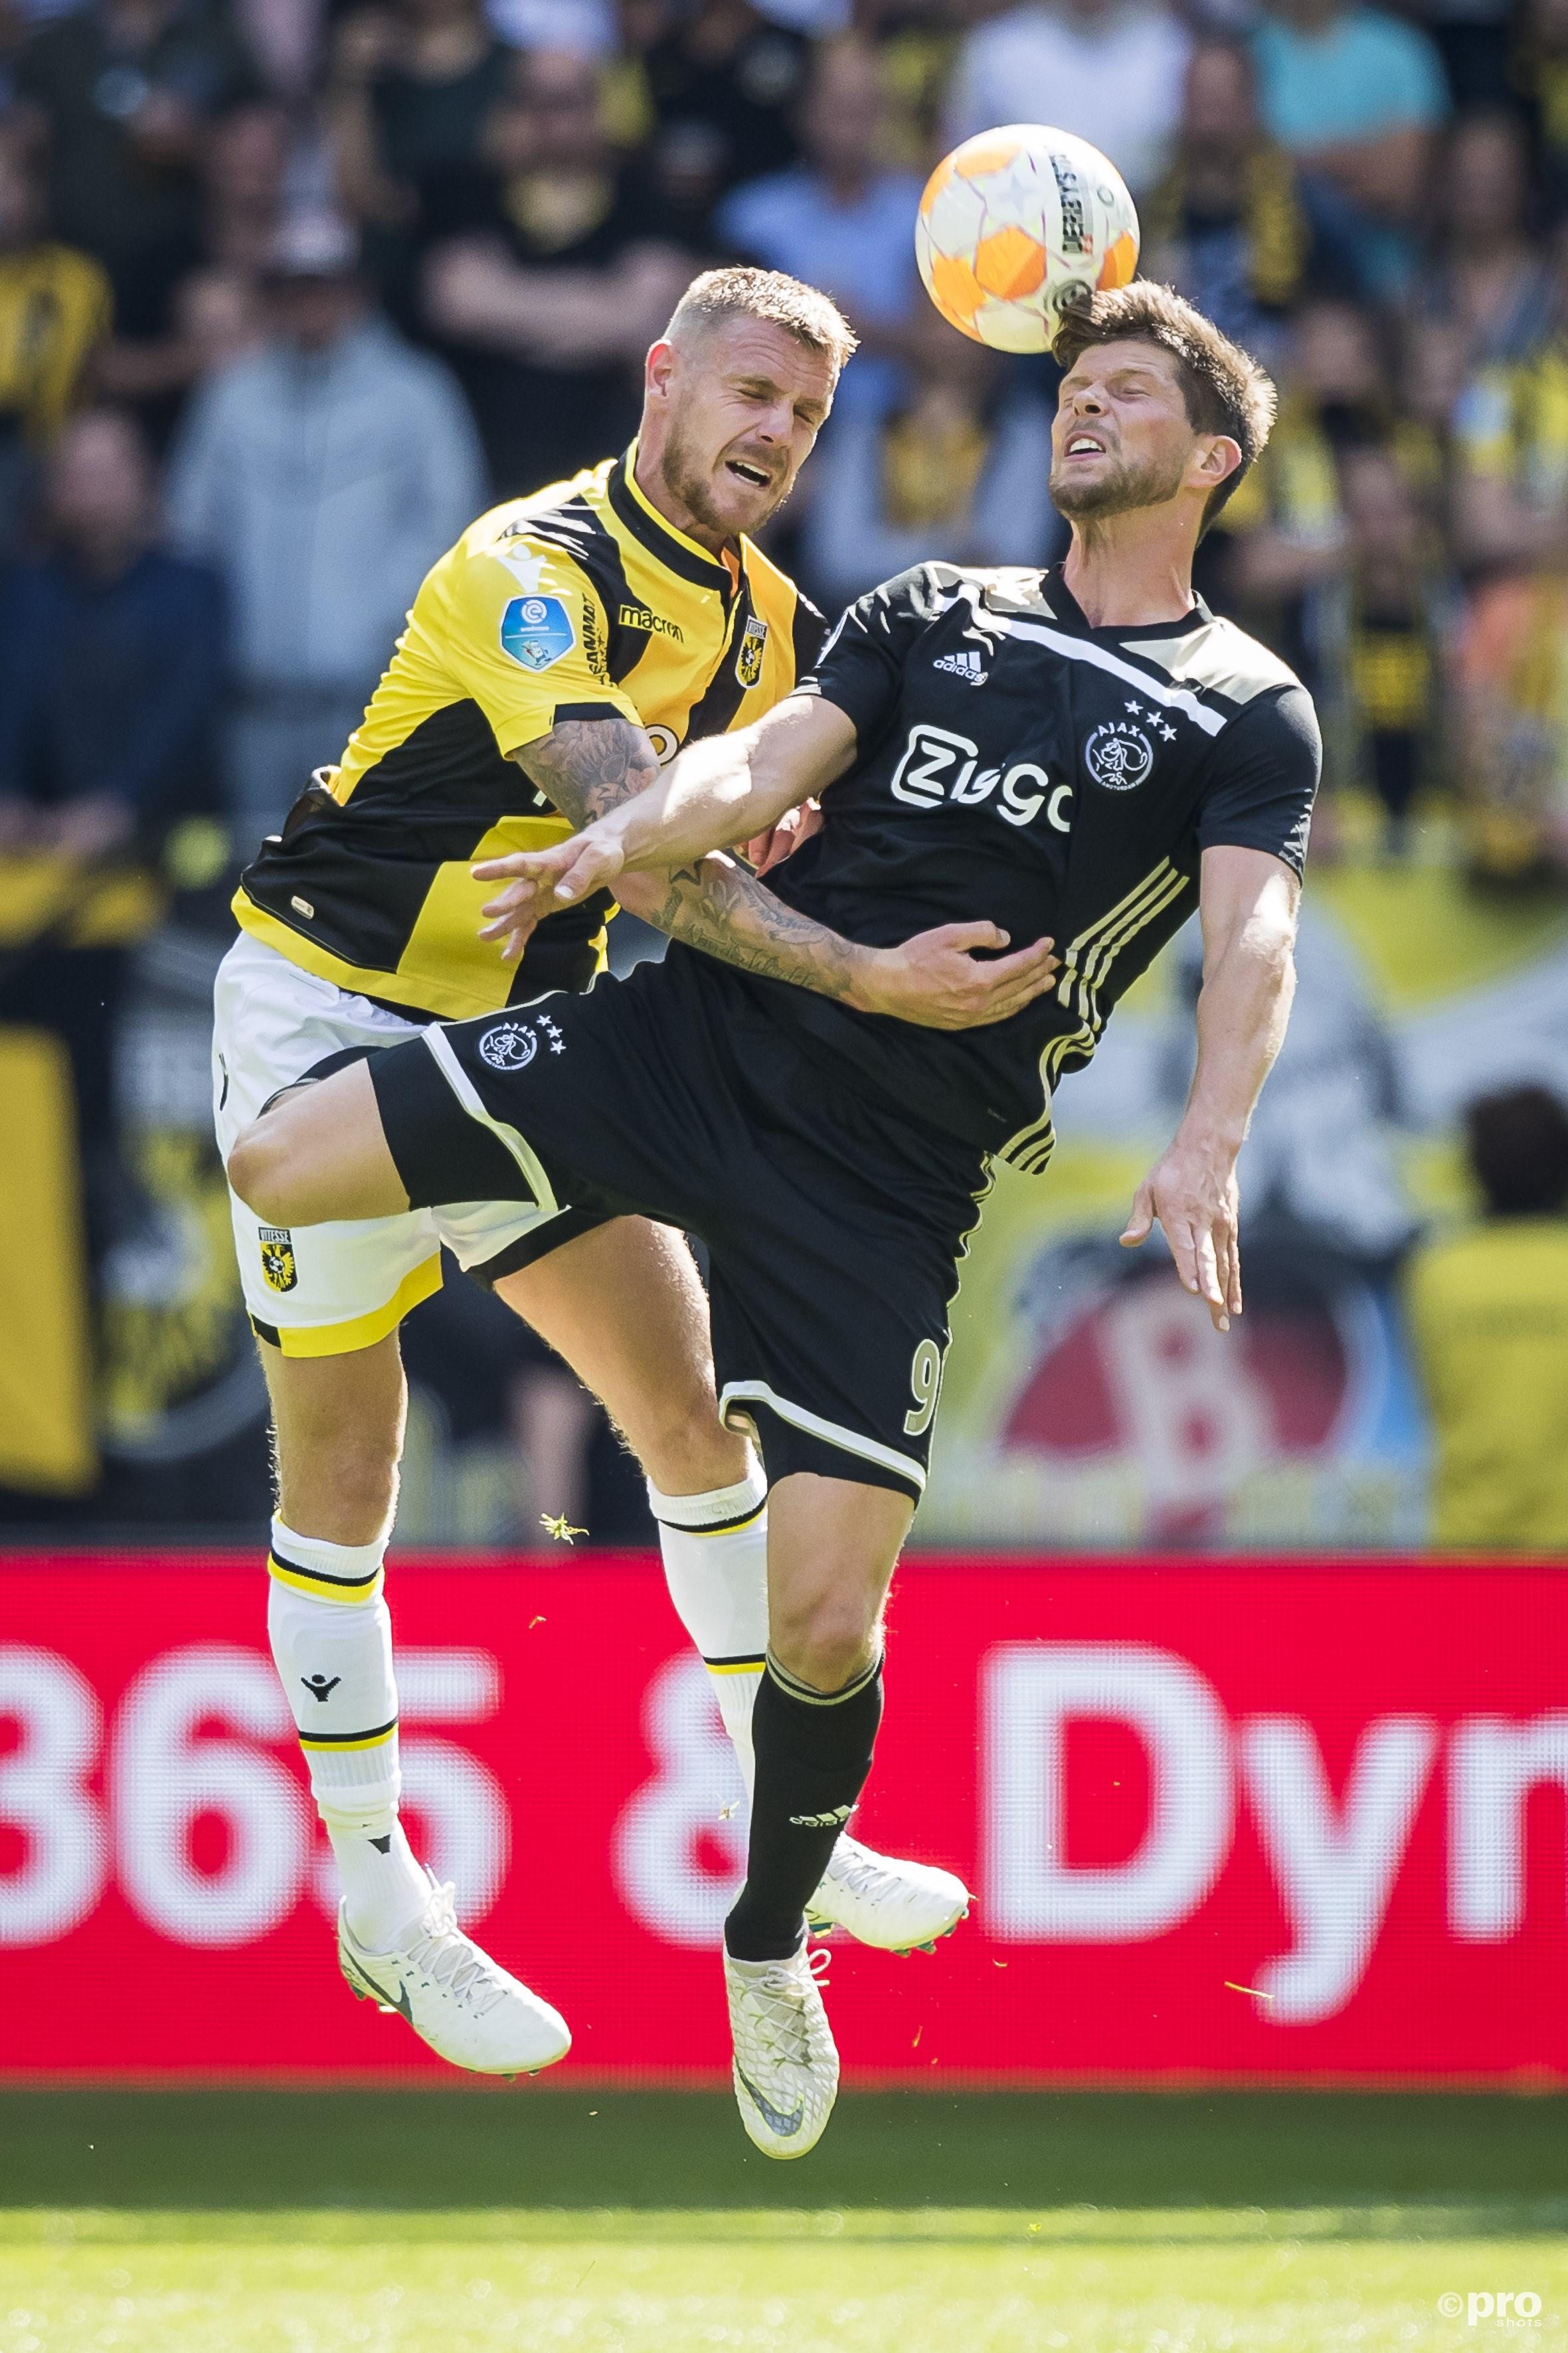 Klaas Jan Huntelaar (R) in duel met Maikel van der Werff (L). (PRO SHOTS/Joep Leenen)